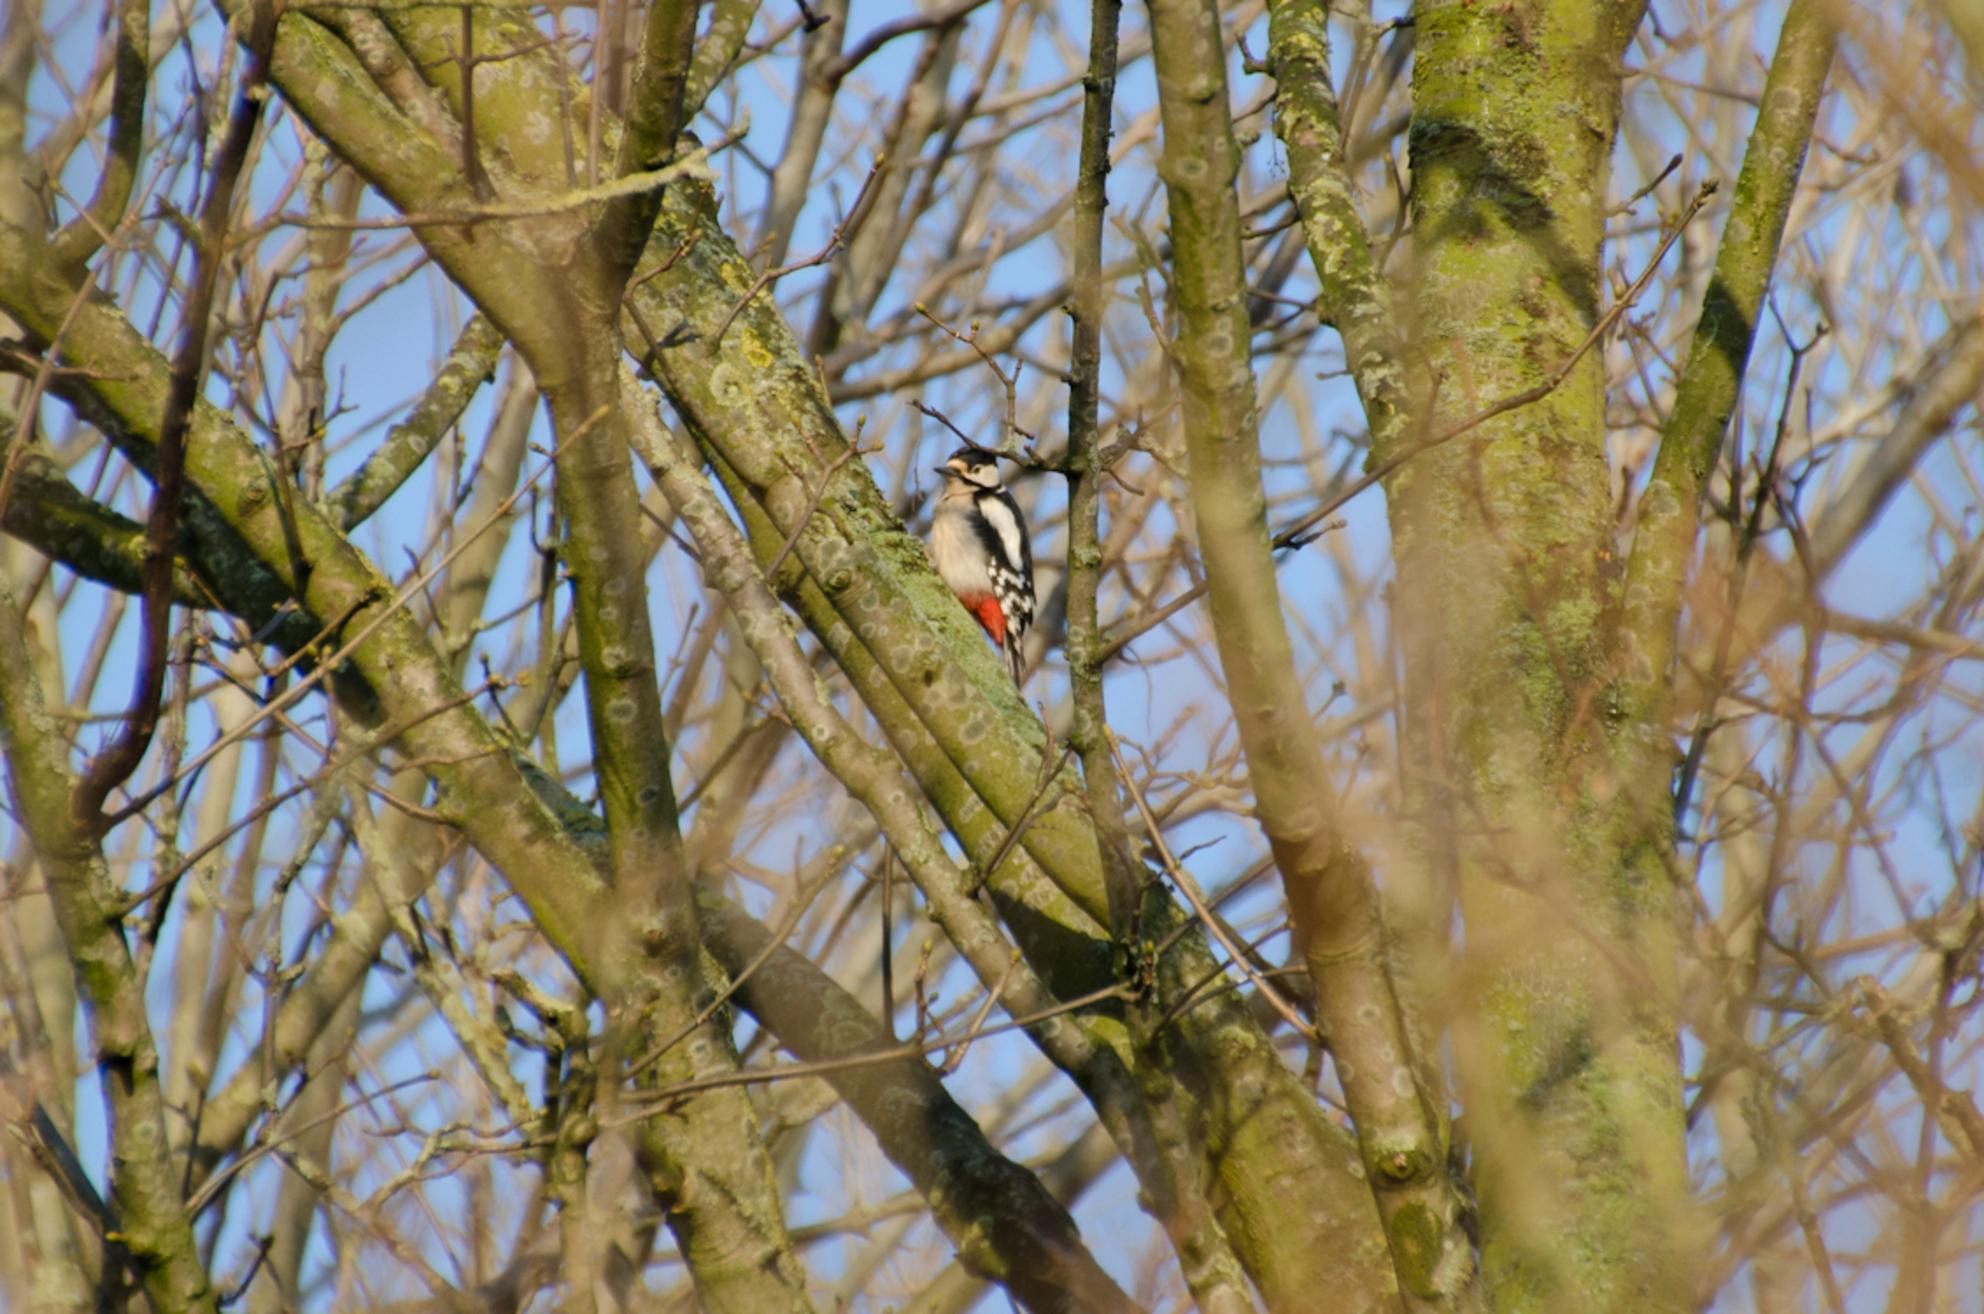 Bonte Specht - Hij zat wel erg hoog in de bomen maar toch te pakken dat schuwe vogeltje. - foto door klavertje1234@hotmail.com op 18-01-2013 - deze foto bevat: specht, bomen, bonte specht - Deze foto mag gebruikt worden in een Zoom.nl publicatie